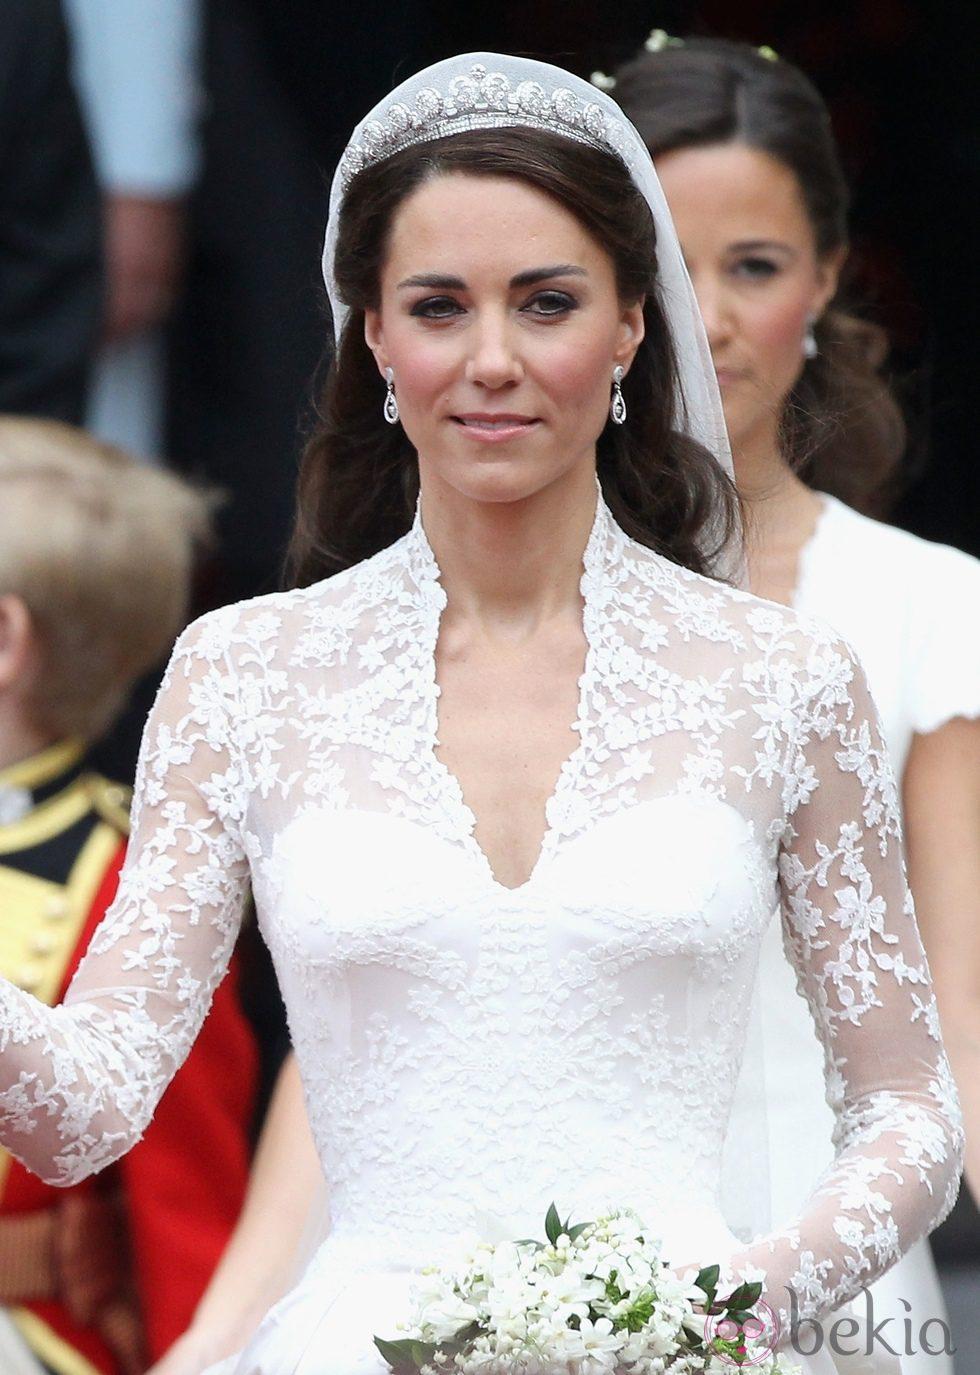 Kate Middleton con maquillaje rosado y ondas al agua en el día de su boda